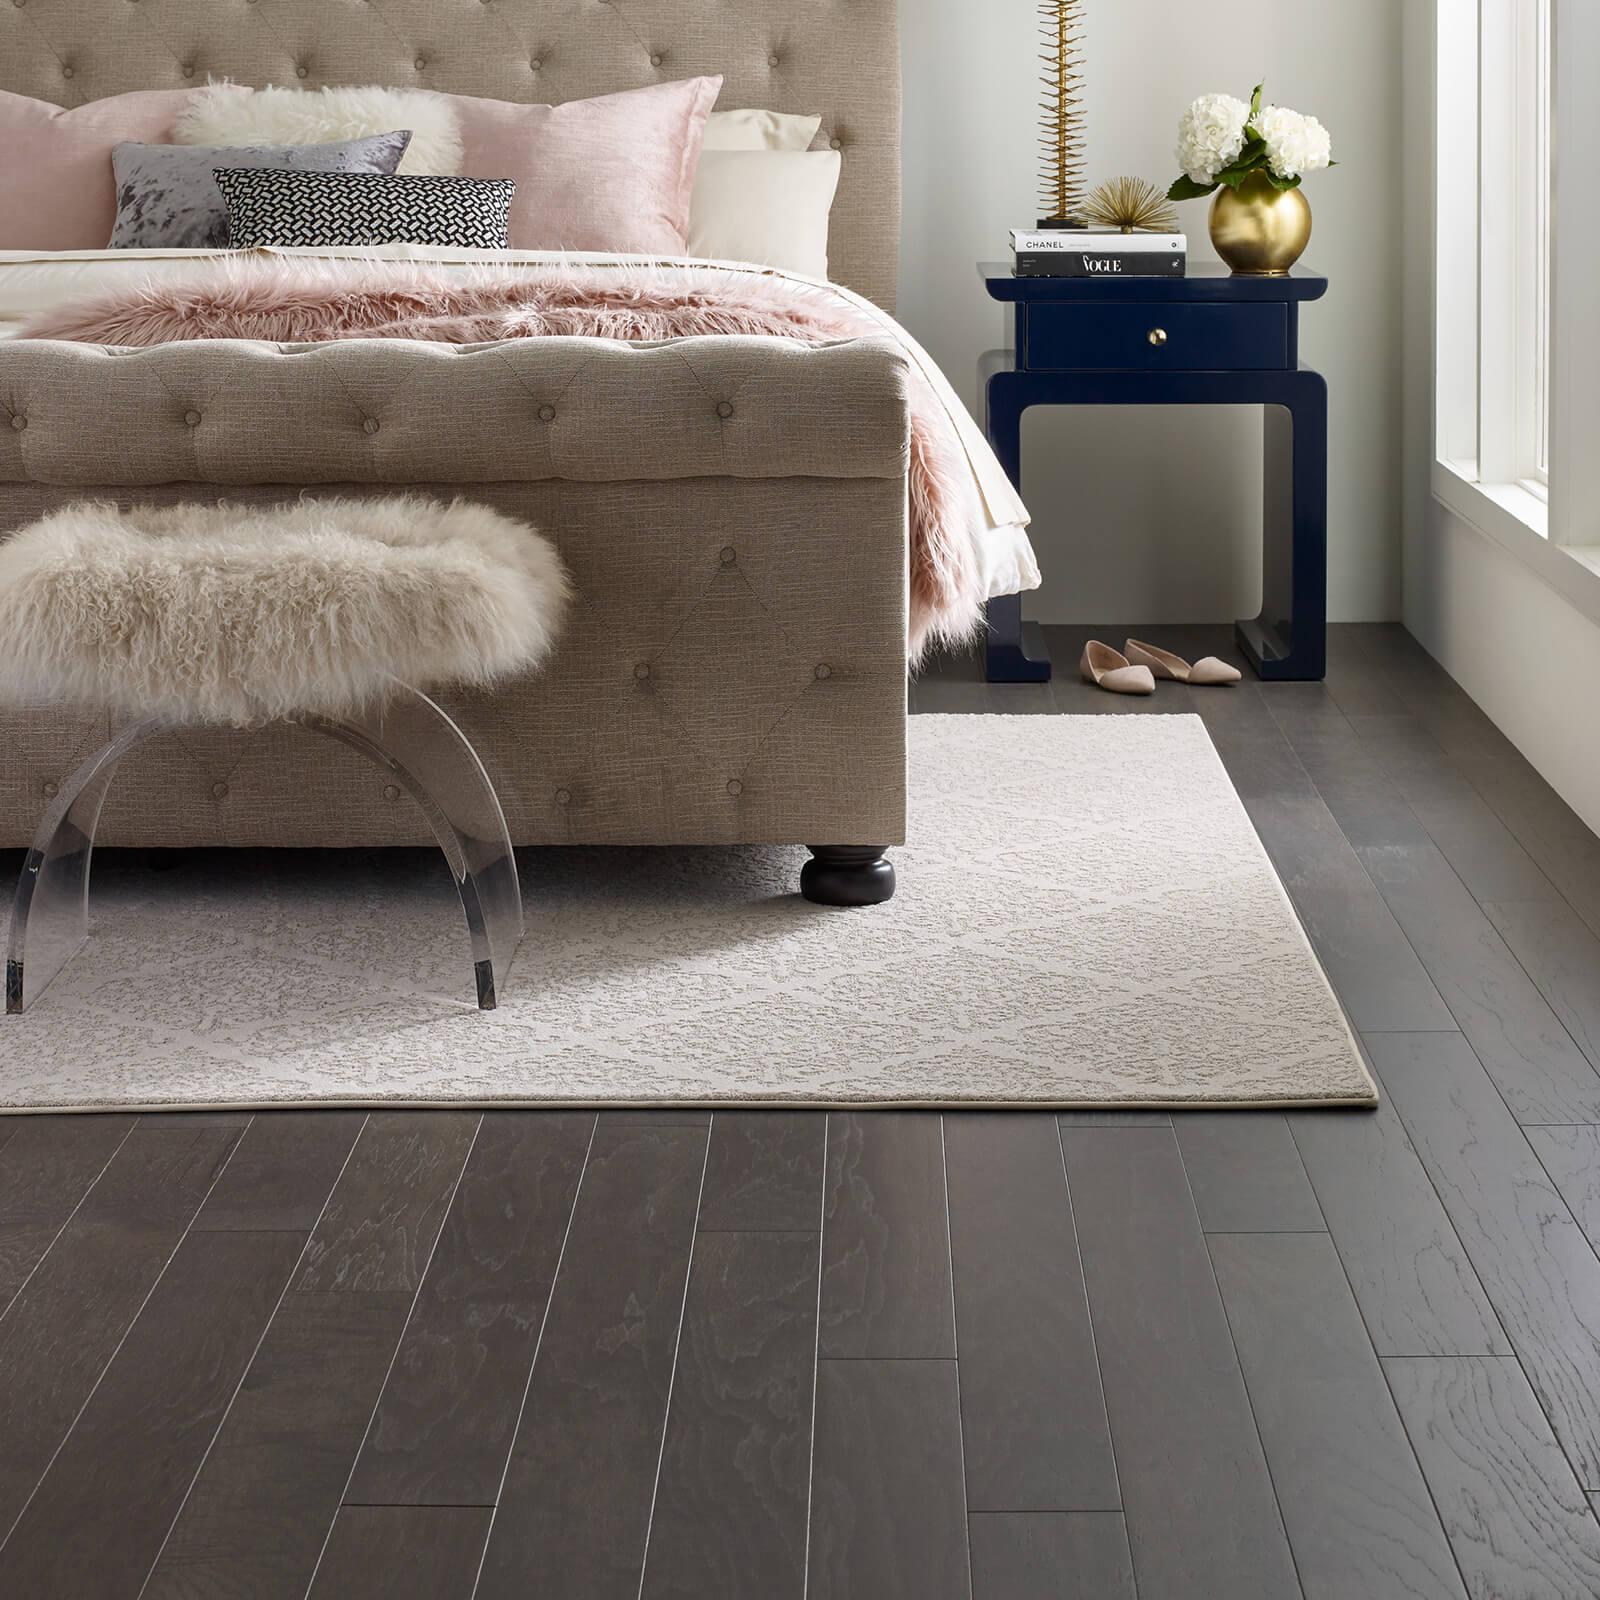 Northington smooth hardwood flooring | Great Lakes Carpet & Tile